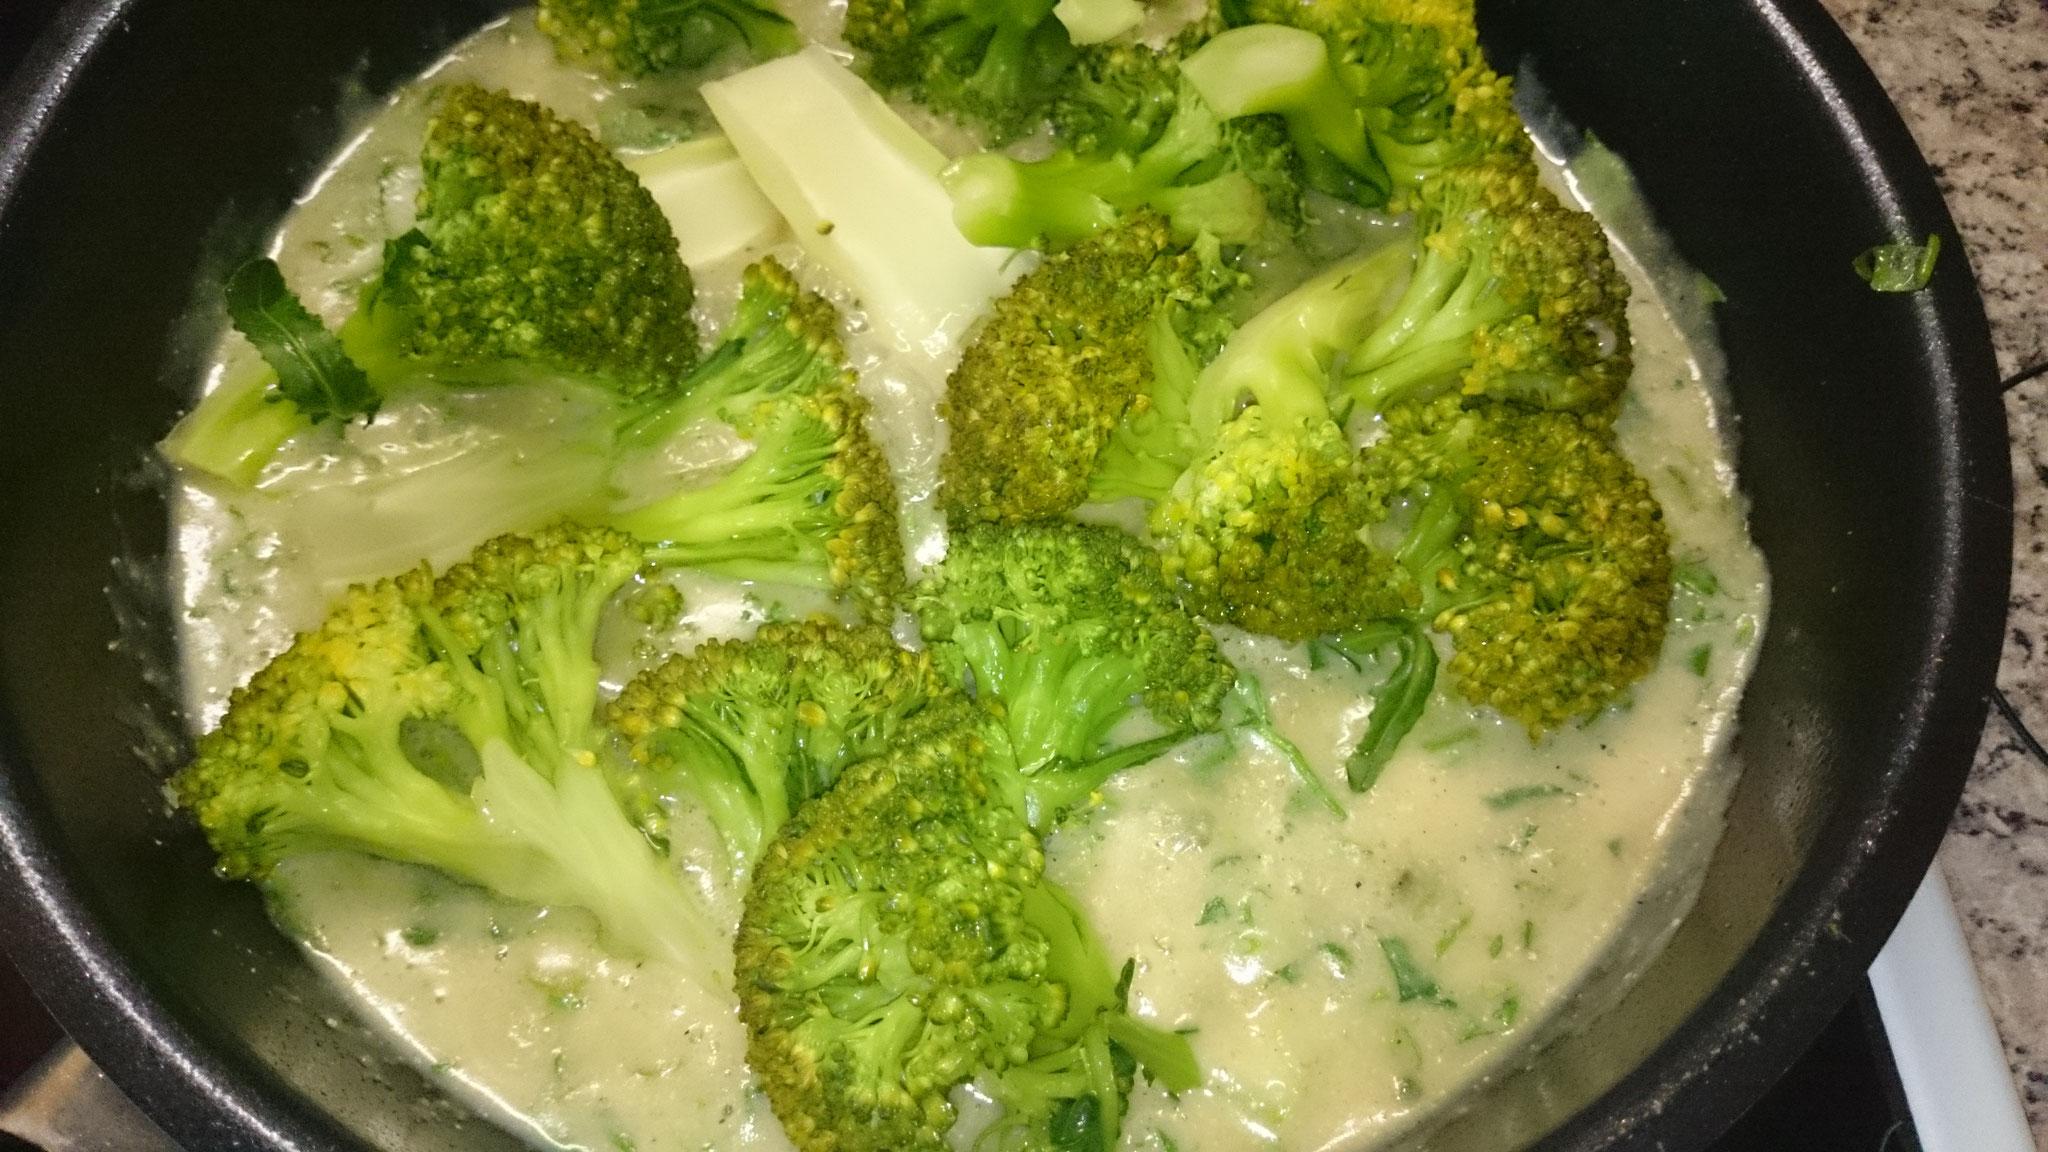 gedünsteter Brokkoli in veganer Käsesauce